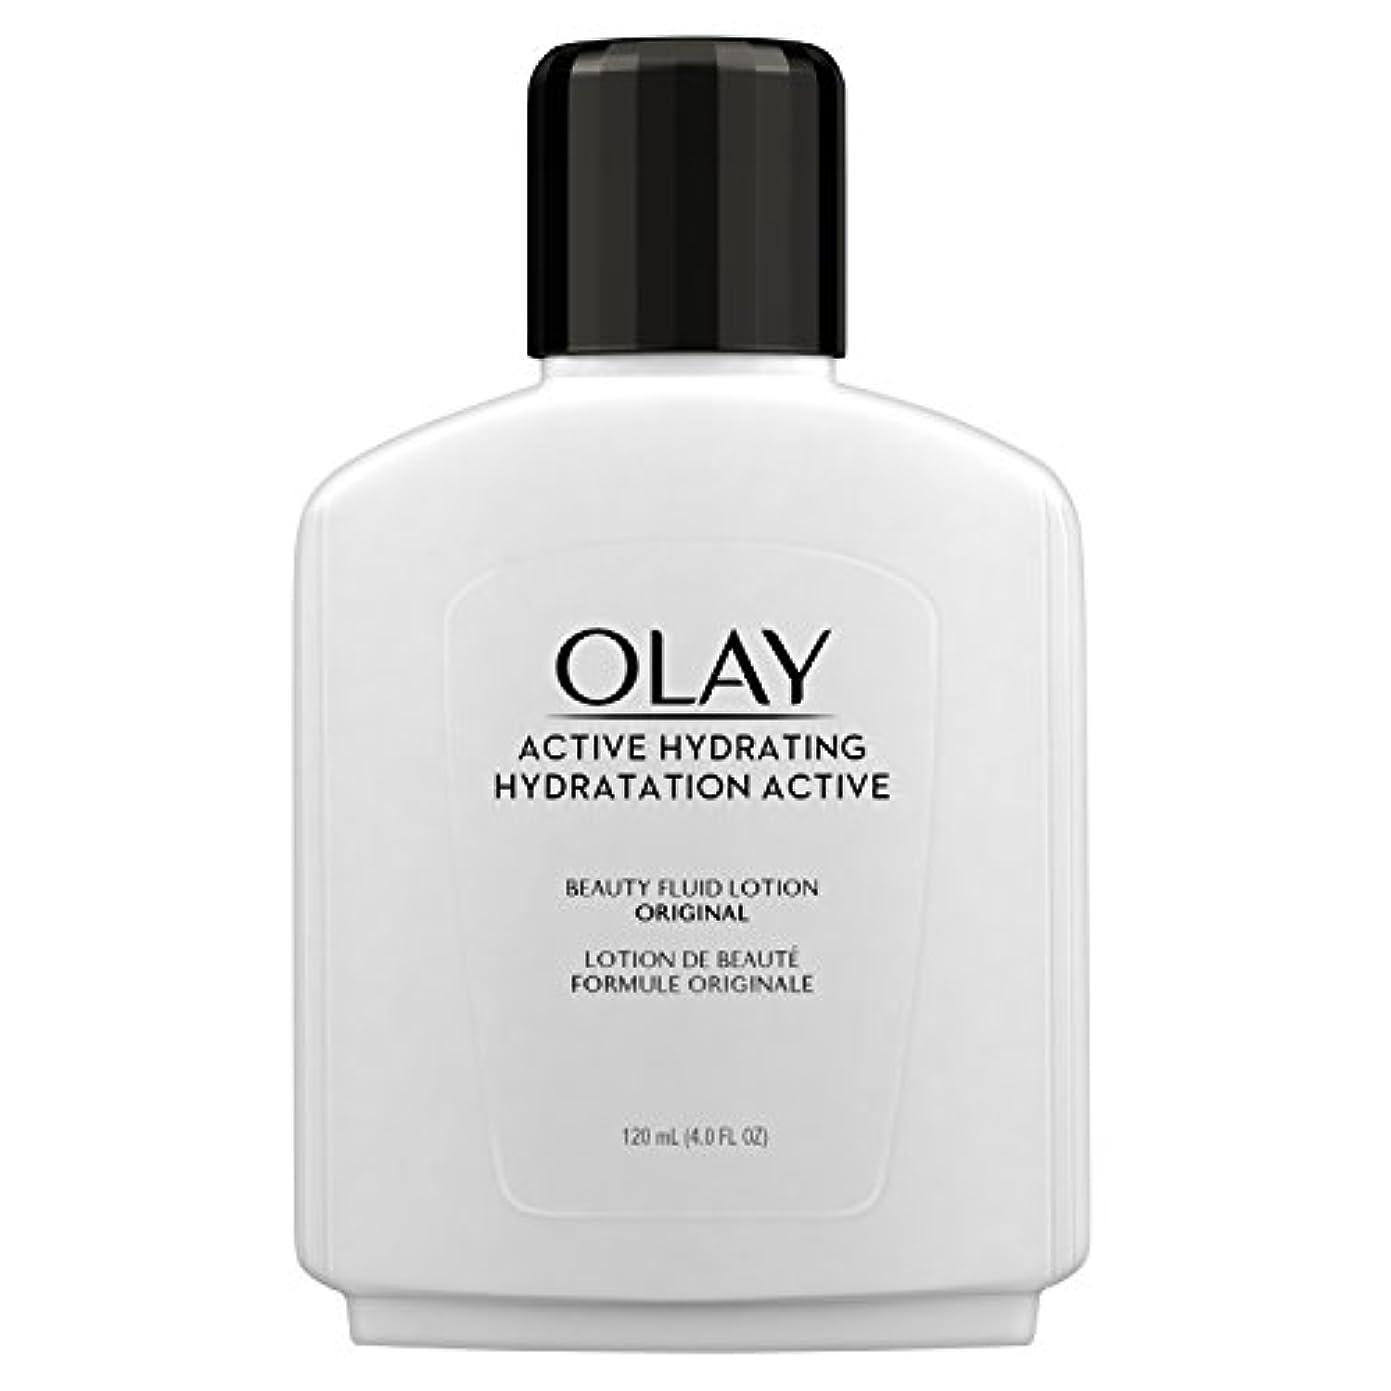 シルエット誰も火傷Olay Active Hydrating Beauty Fluid Original 120 ml Moisturizer for Women by Olay